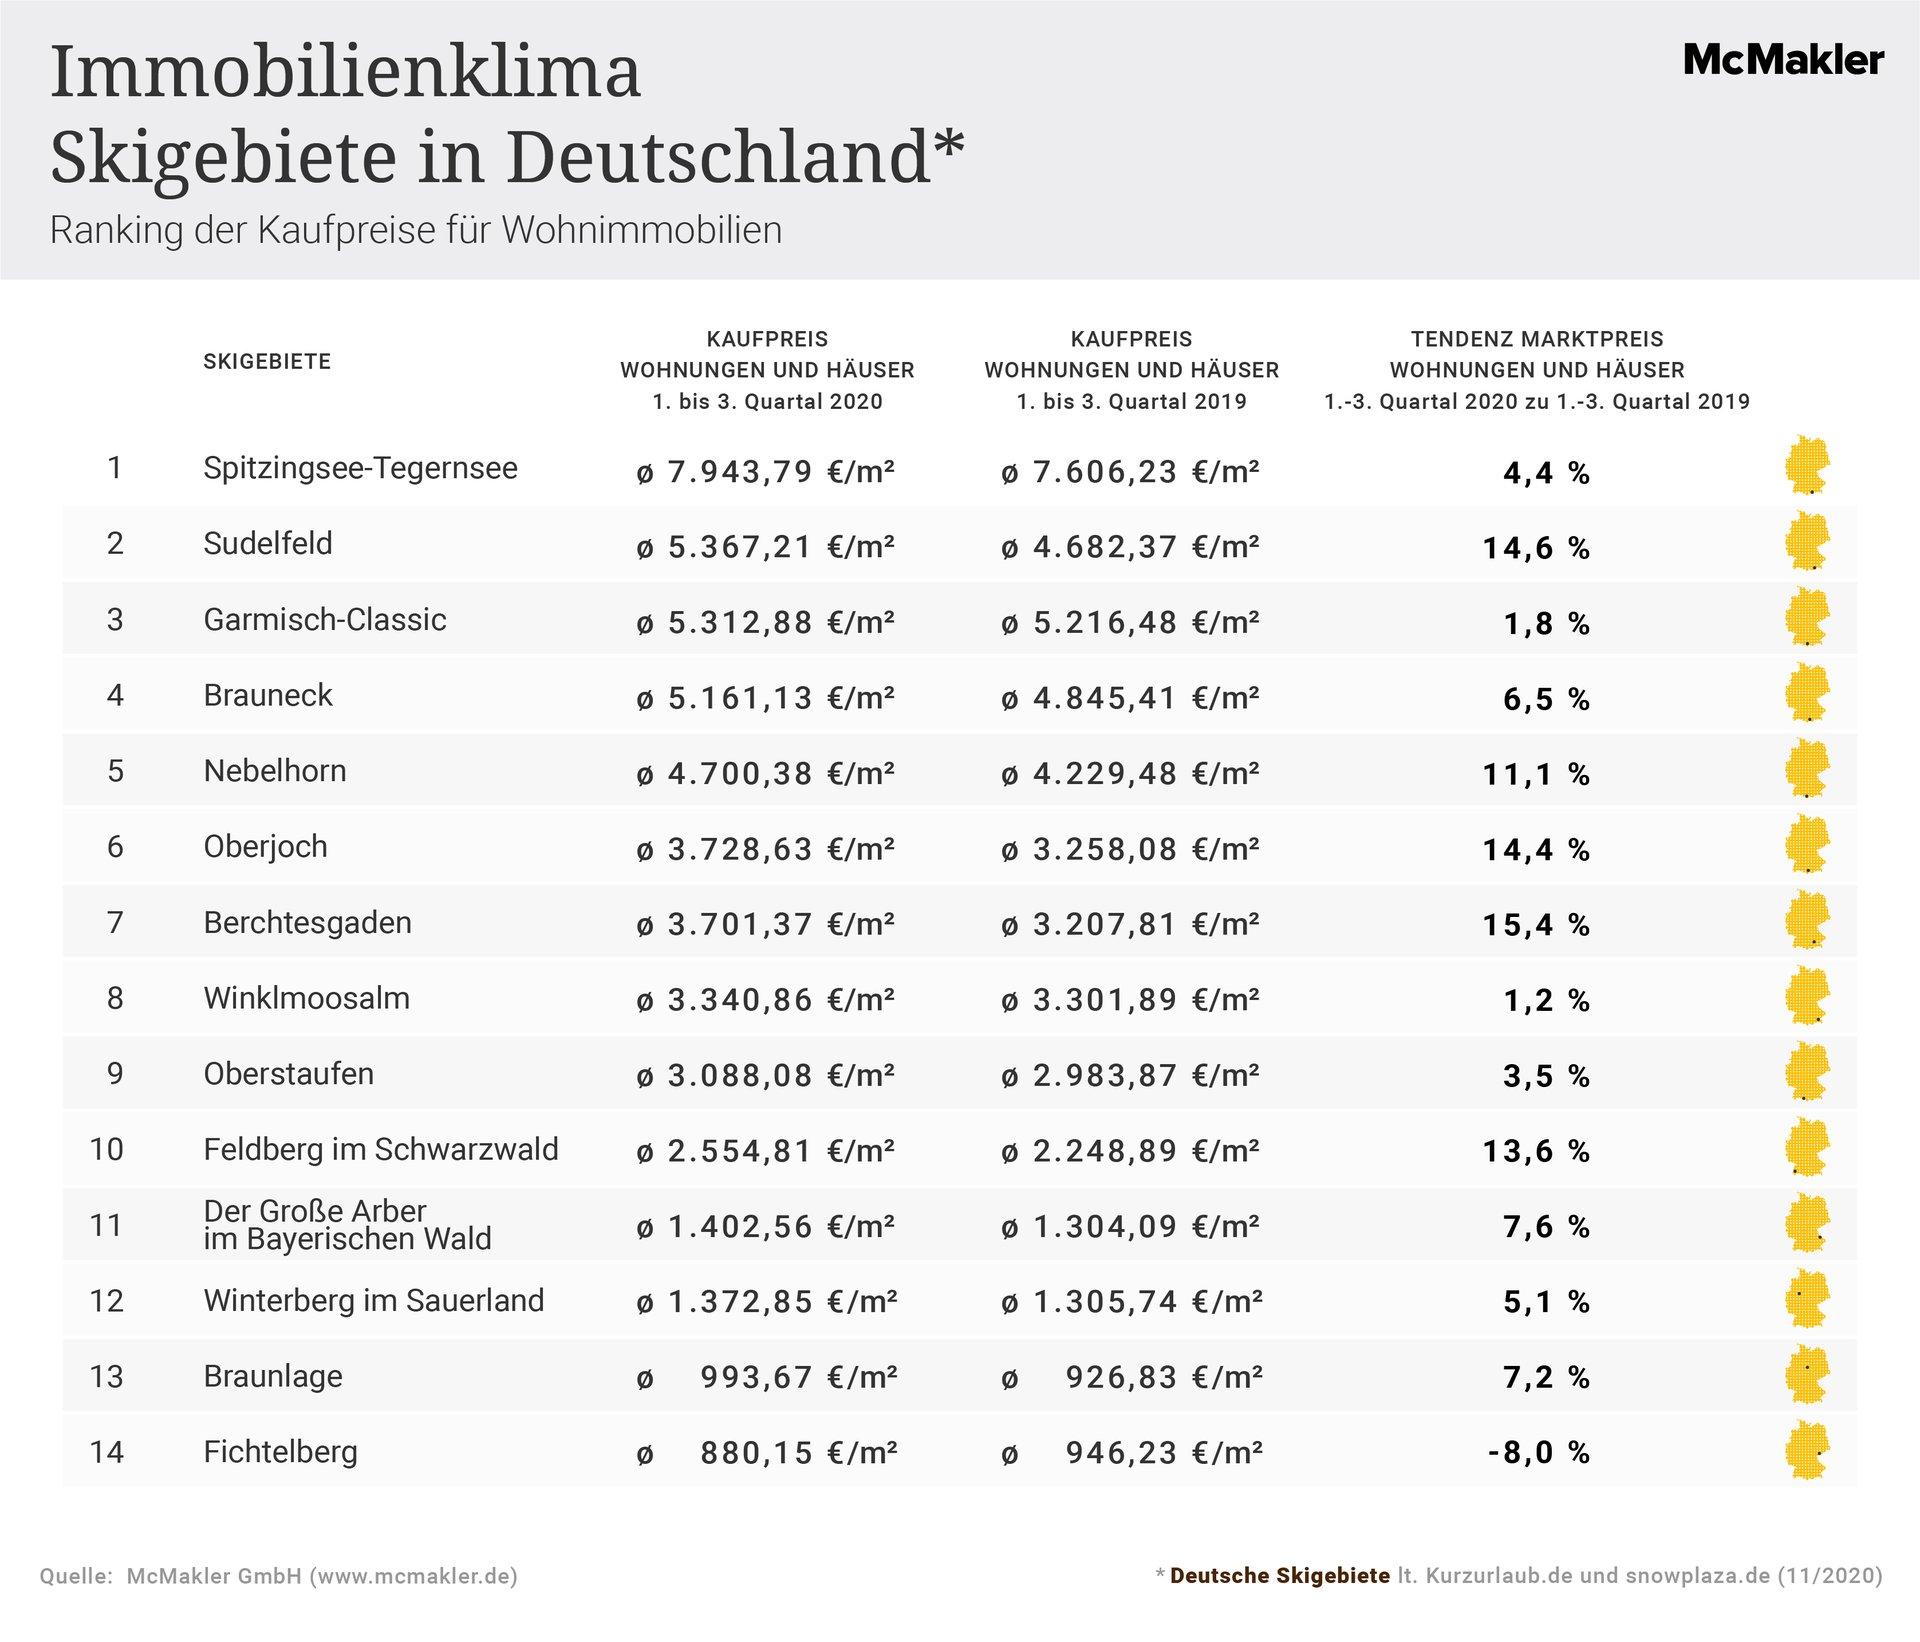 McMakler-Analyse Skigebiete in Deutschland: Ranking der Kaufpreise